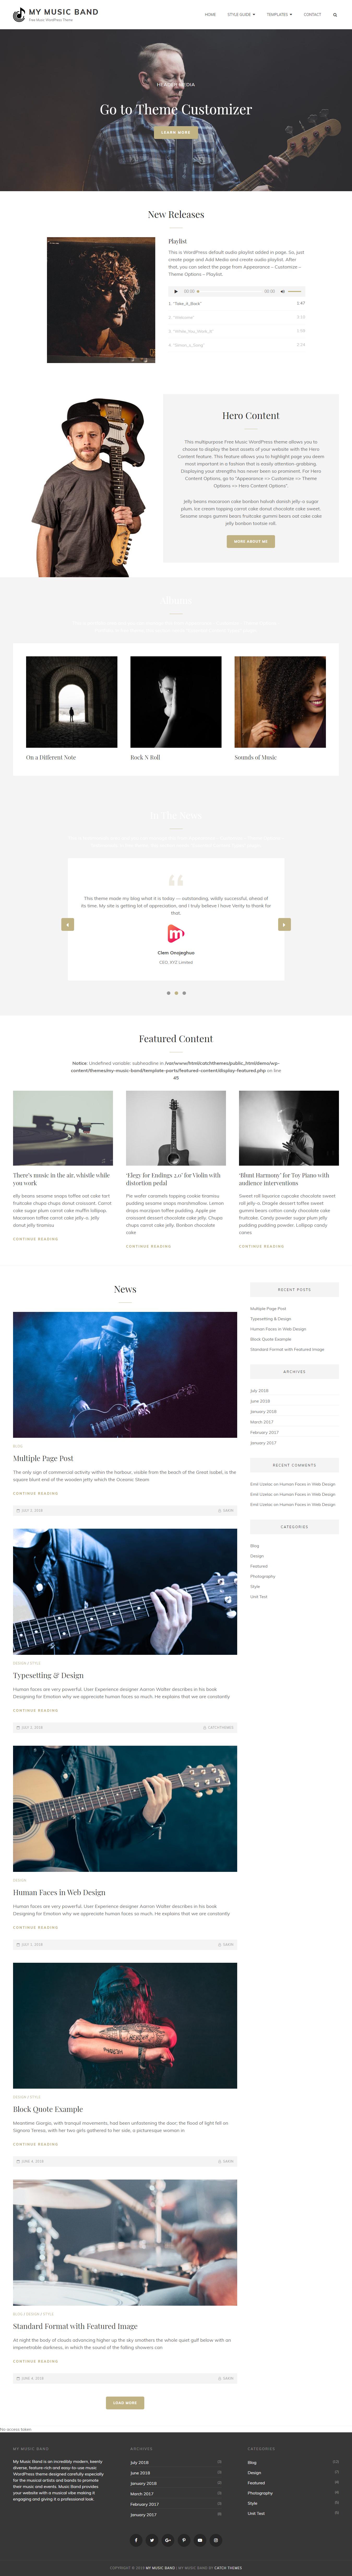 My Music Band: el mejor tema gratuito de WordPress para videos y música